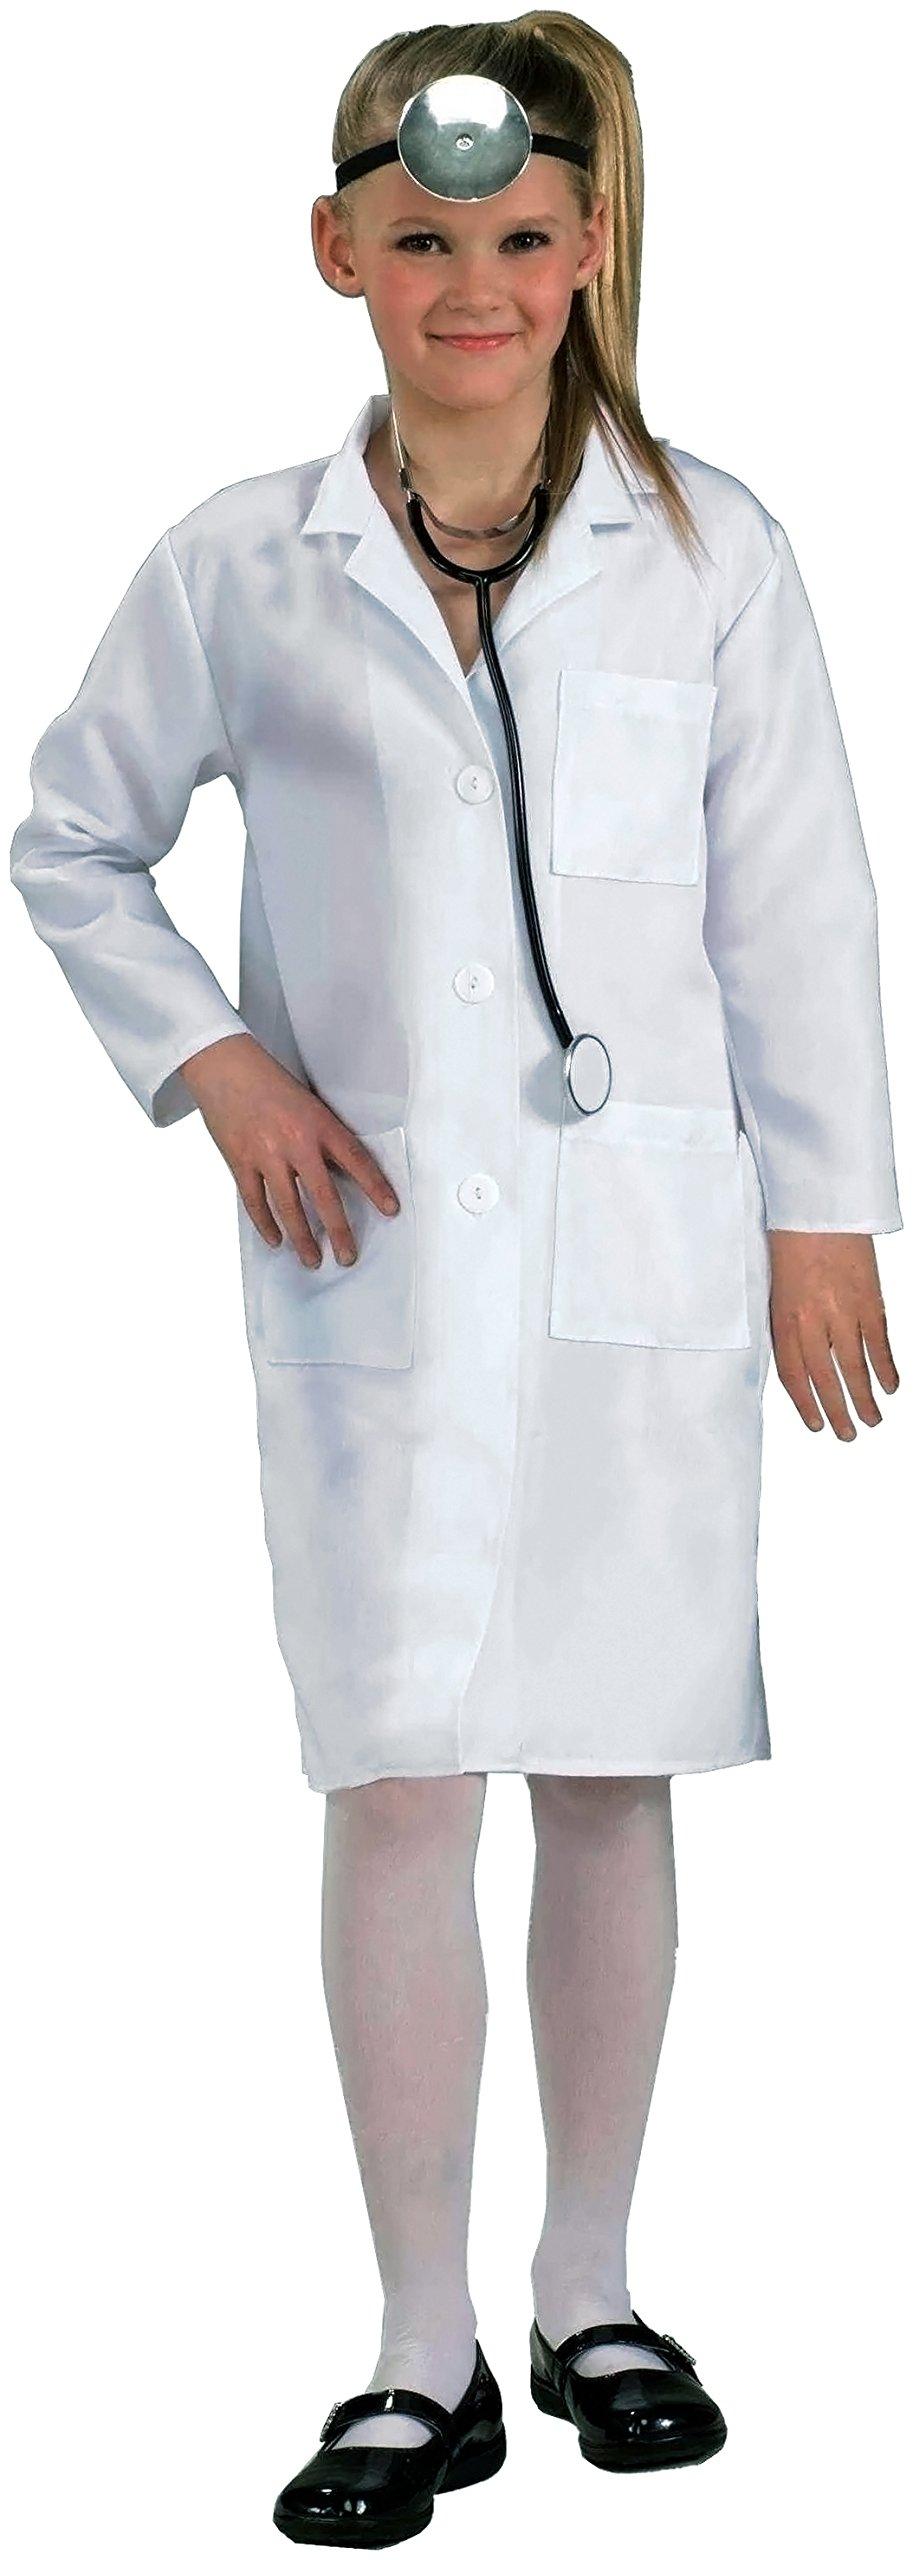 Forum Novelties Child's Costume Doctor Lab Coat, One Size/Medium